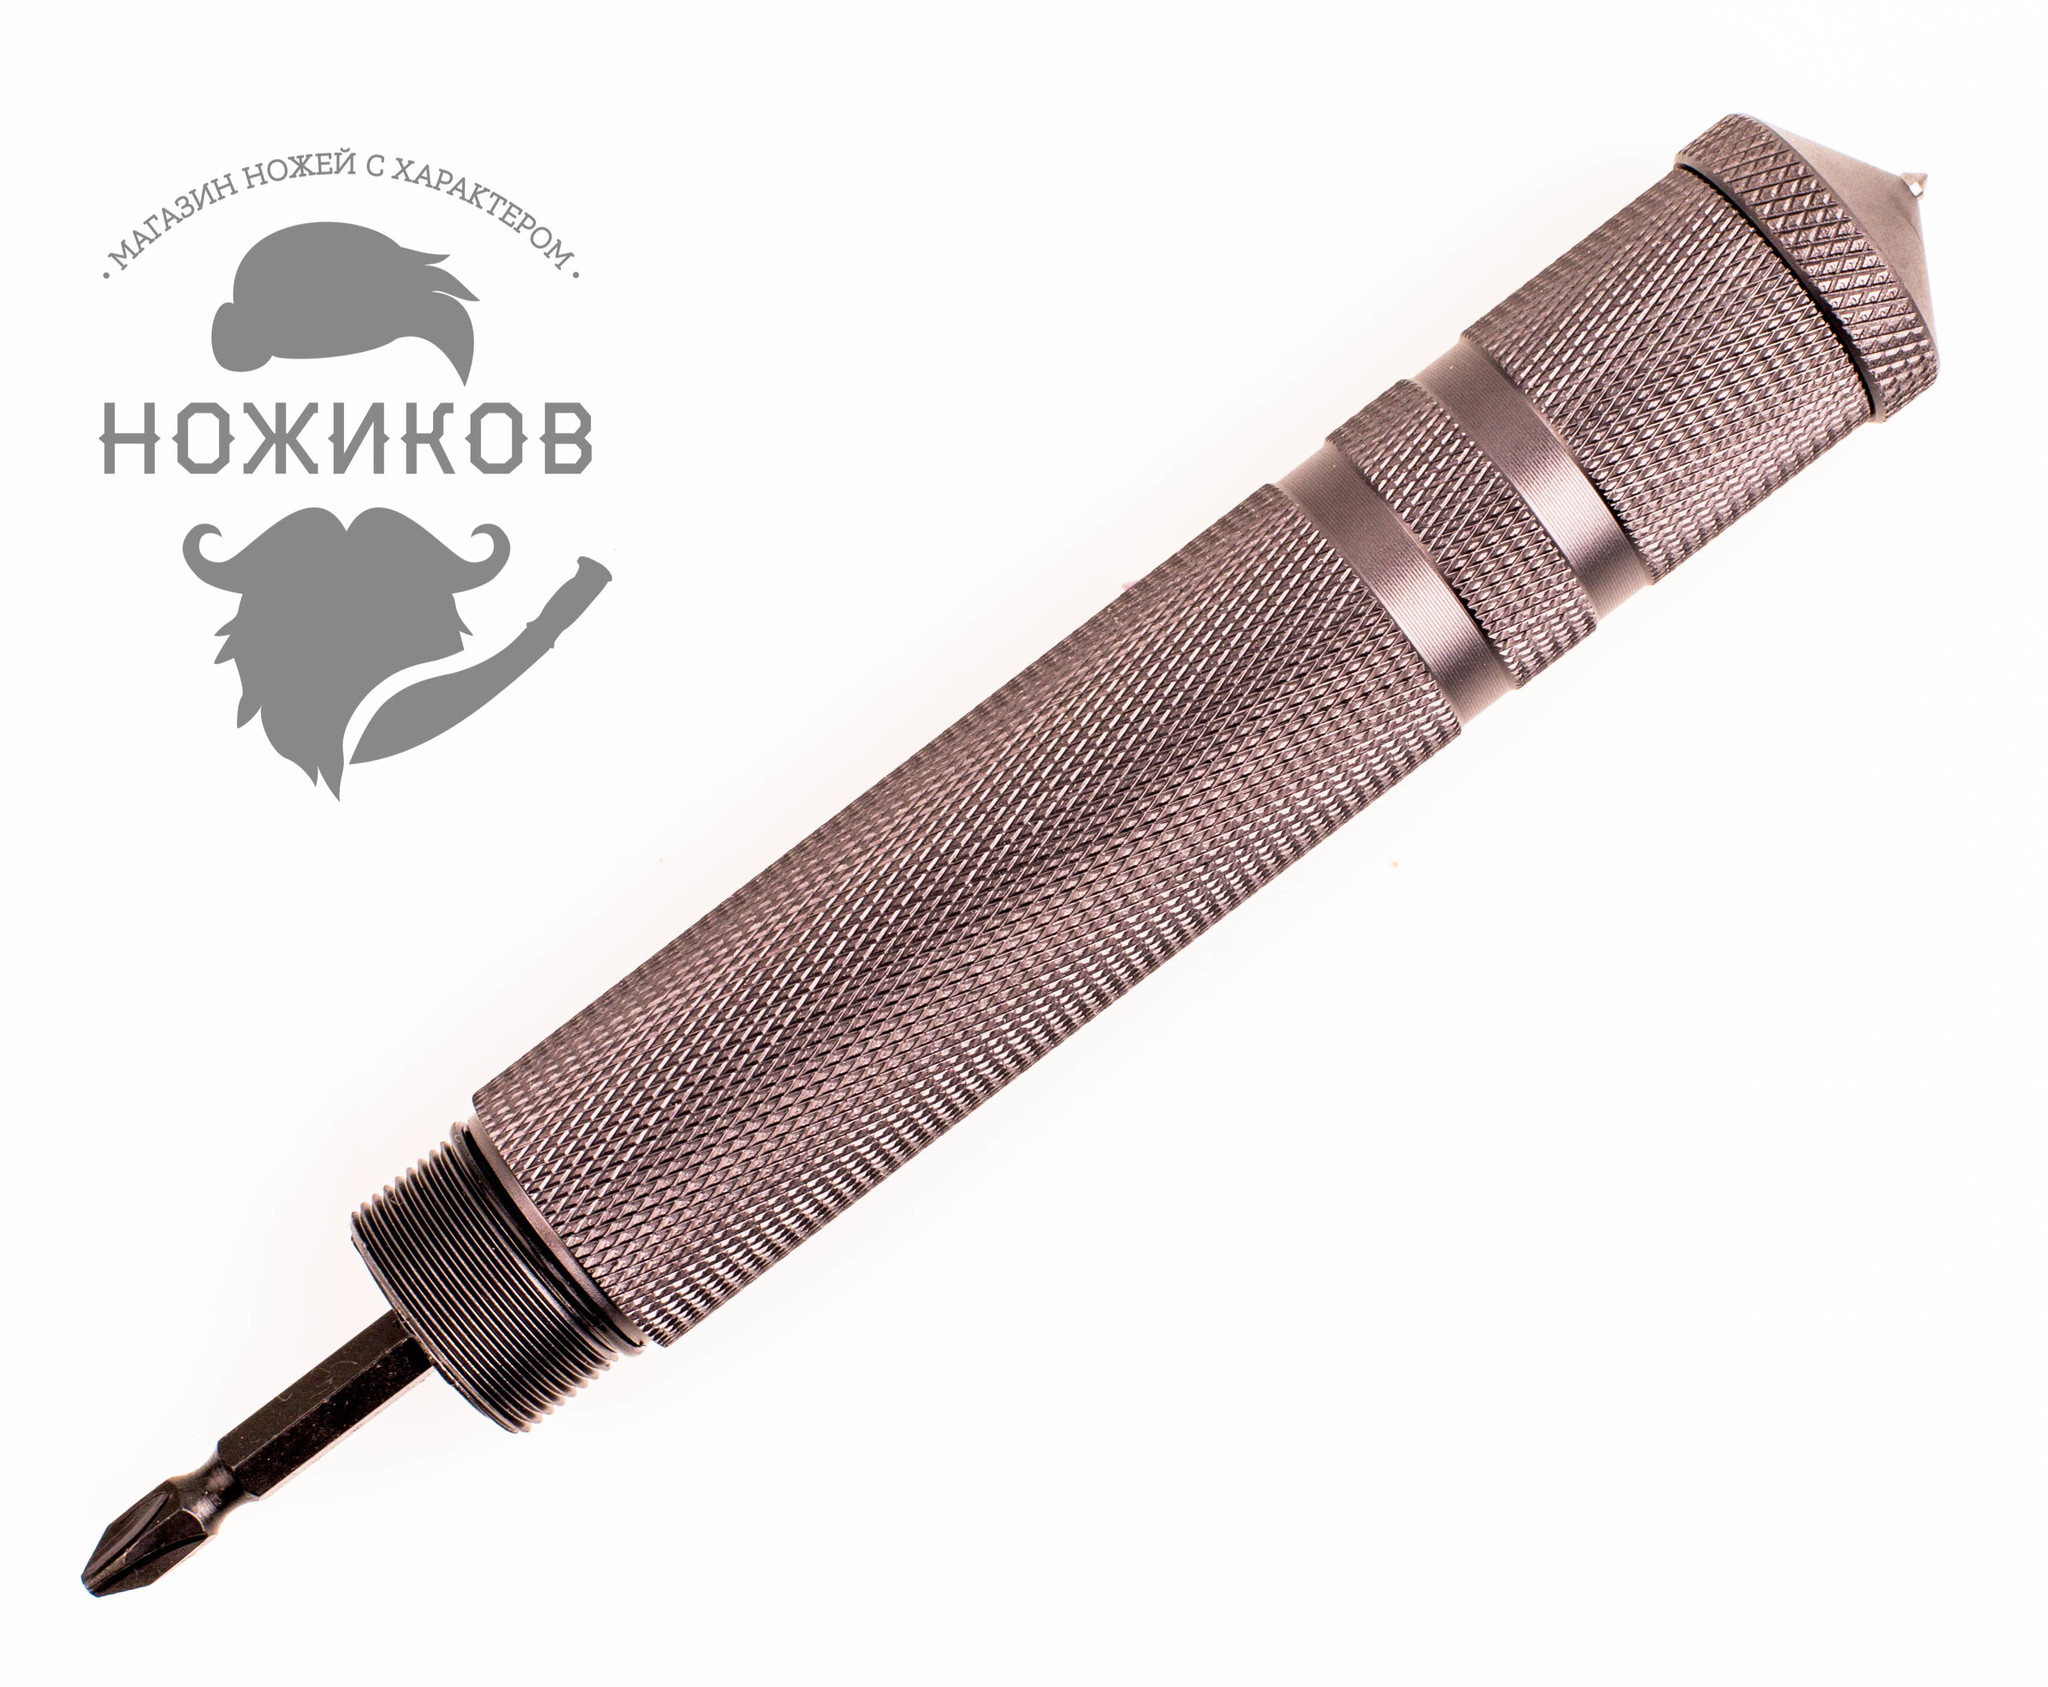 Фото 21 - Многофункциональная лопата для выживания HX Outdoor 19-в-1 от Noname